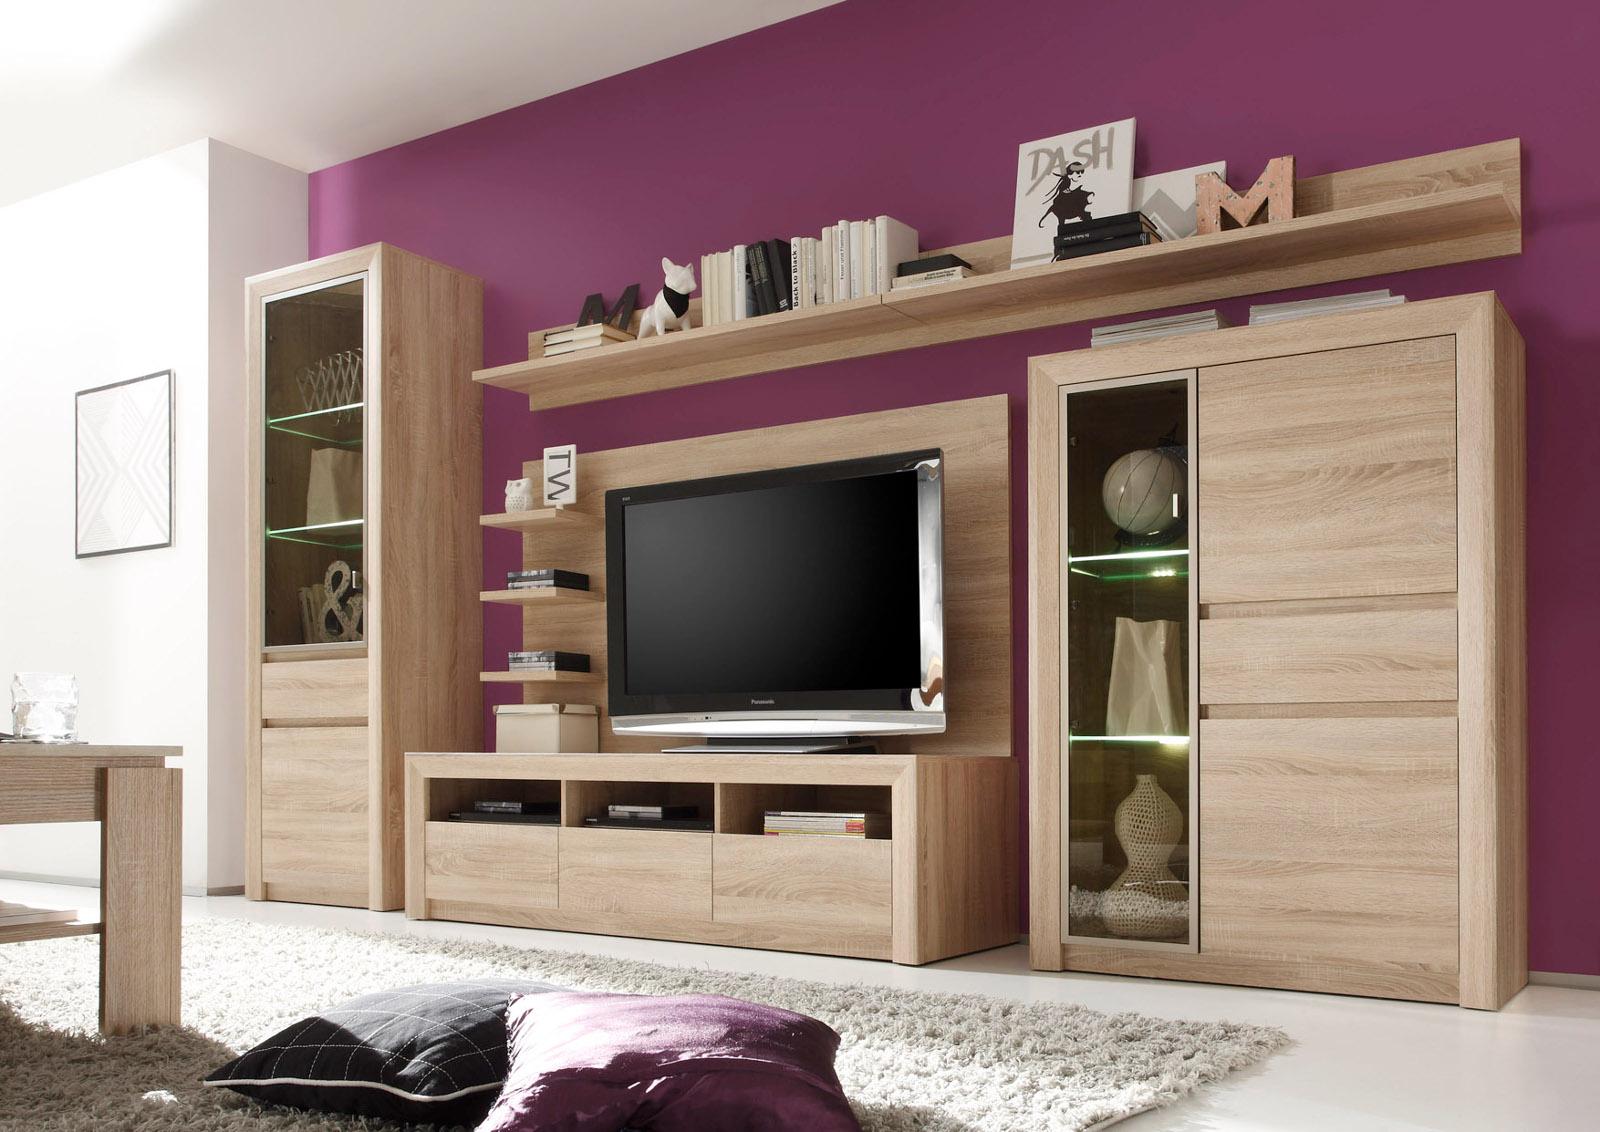 wohnwand schrankwand eiche sonoma hell. Black Bedroom Furniture Sets. Home Design Ideas